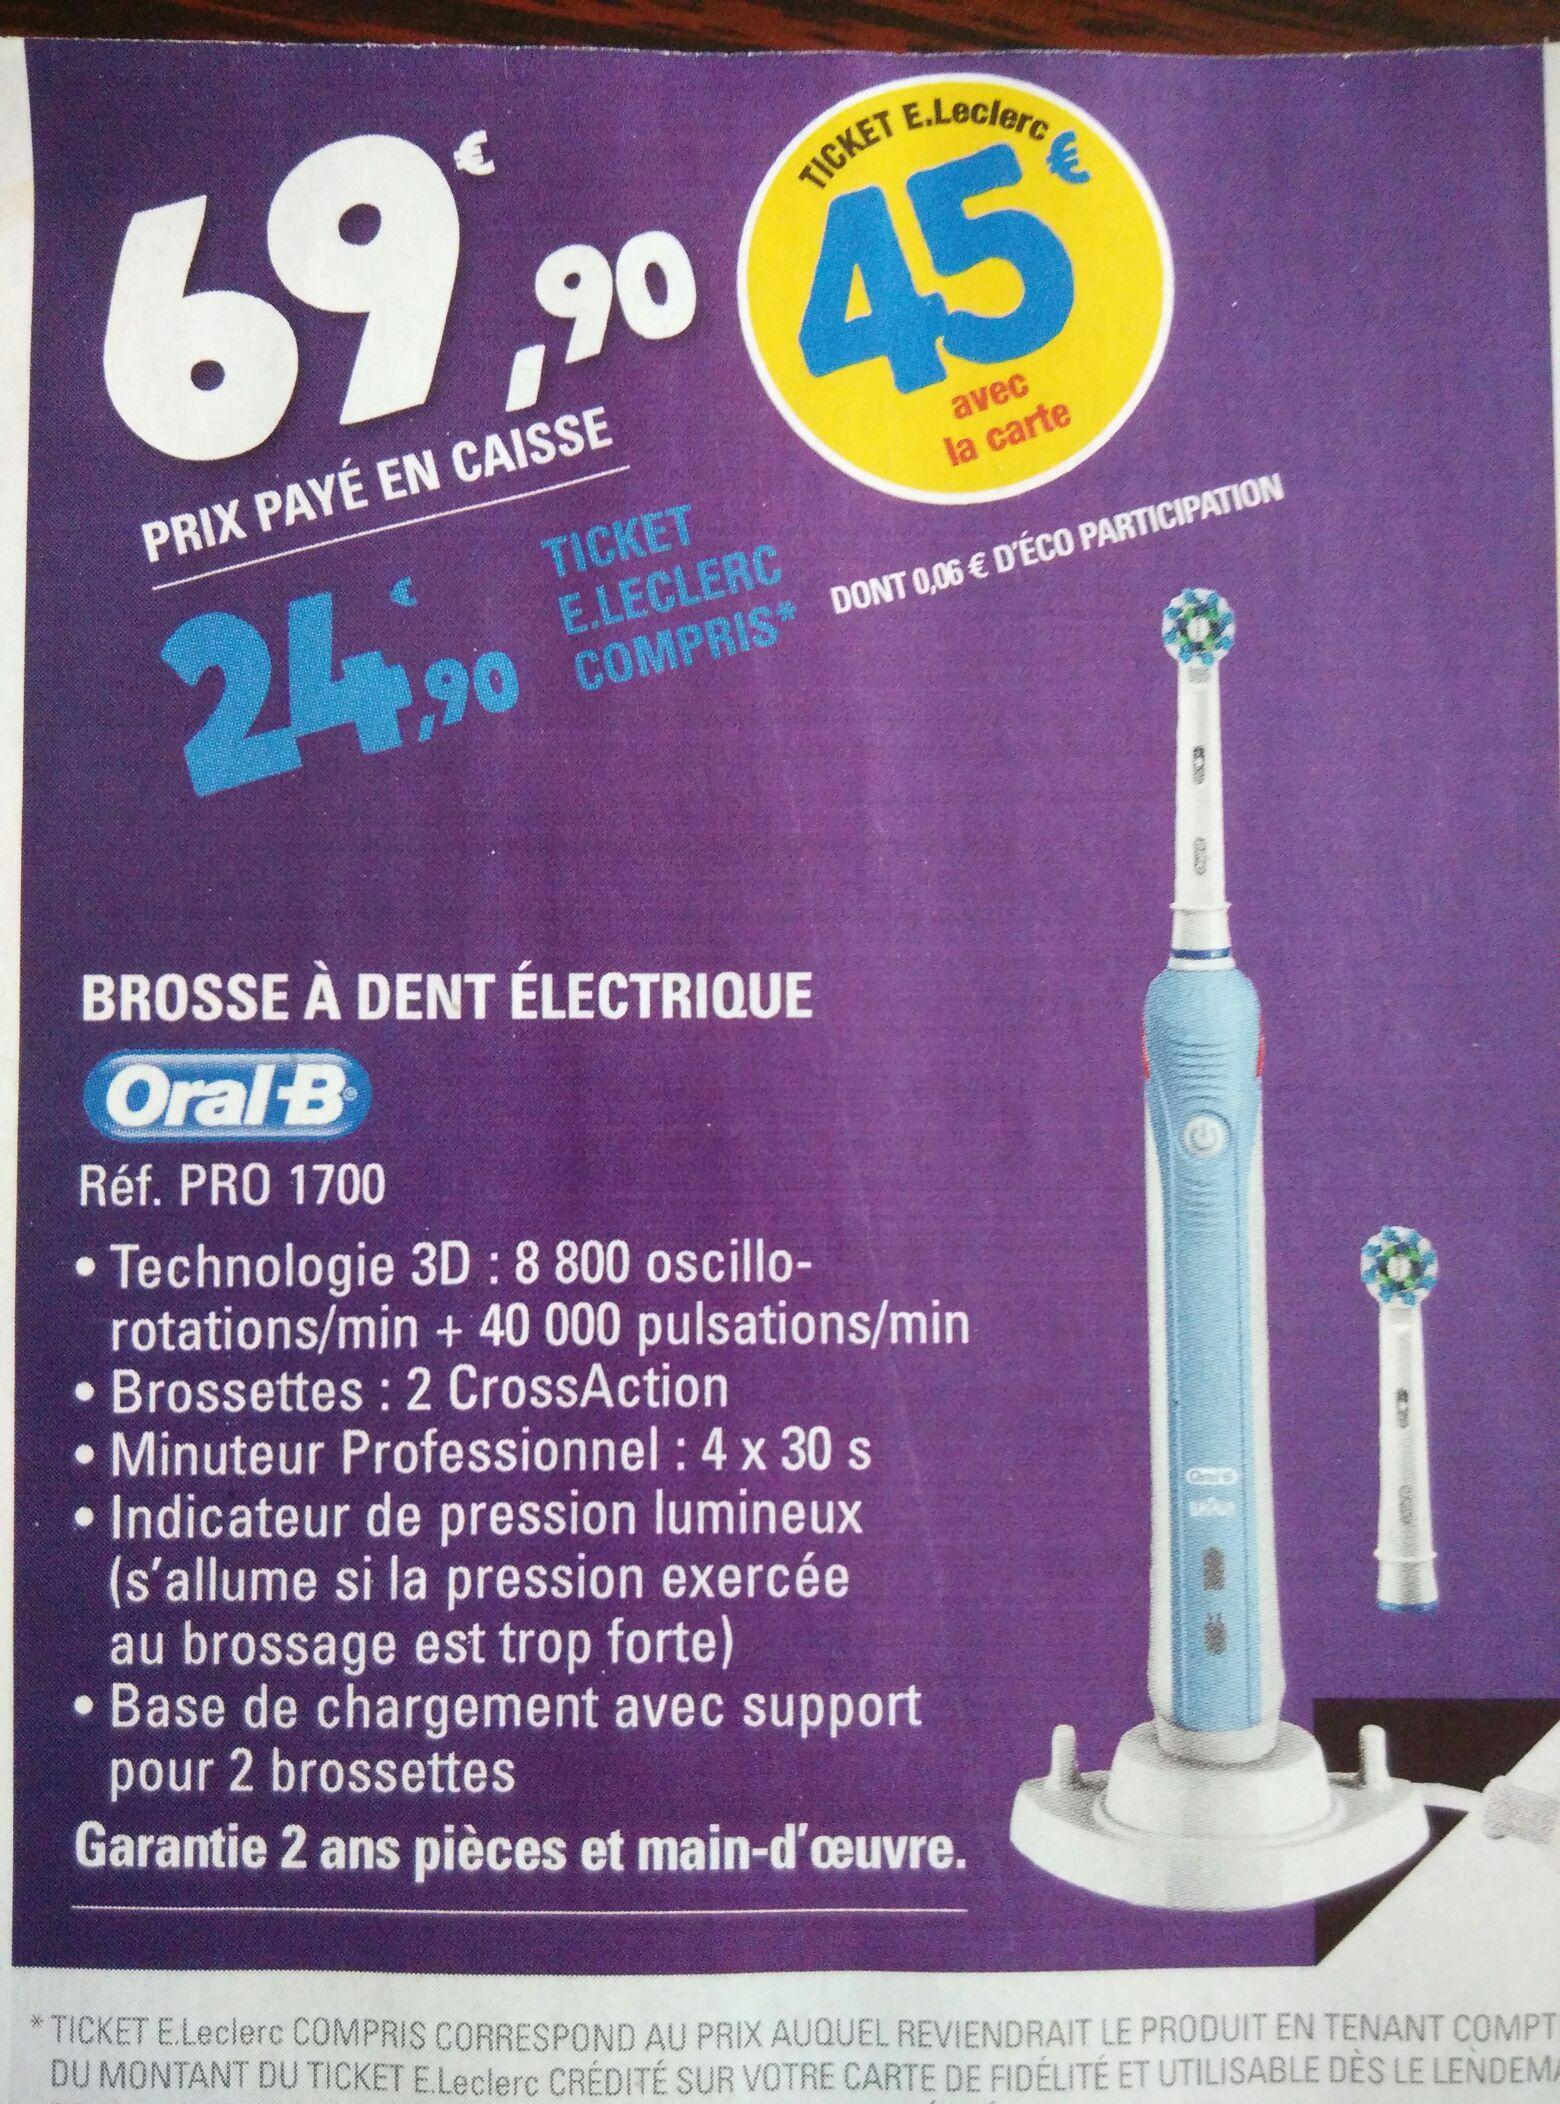 Brosse à dent électrique Oral B Pro 1700 (via 45€ sur la carte)